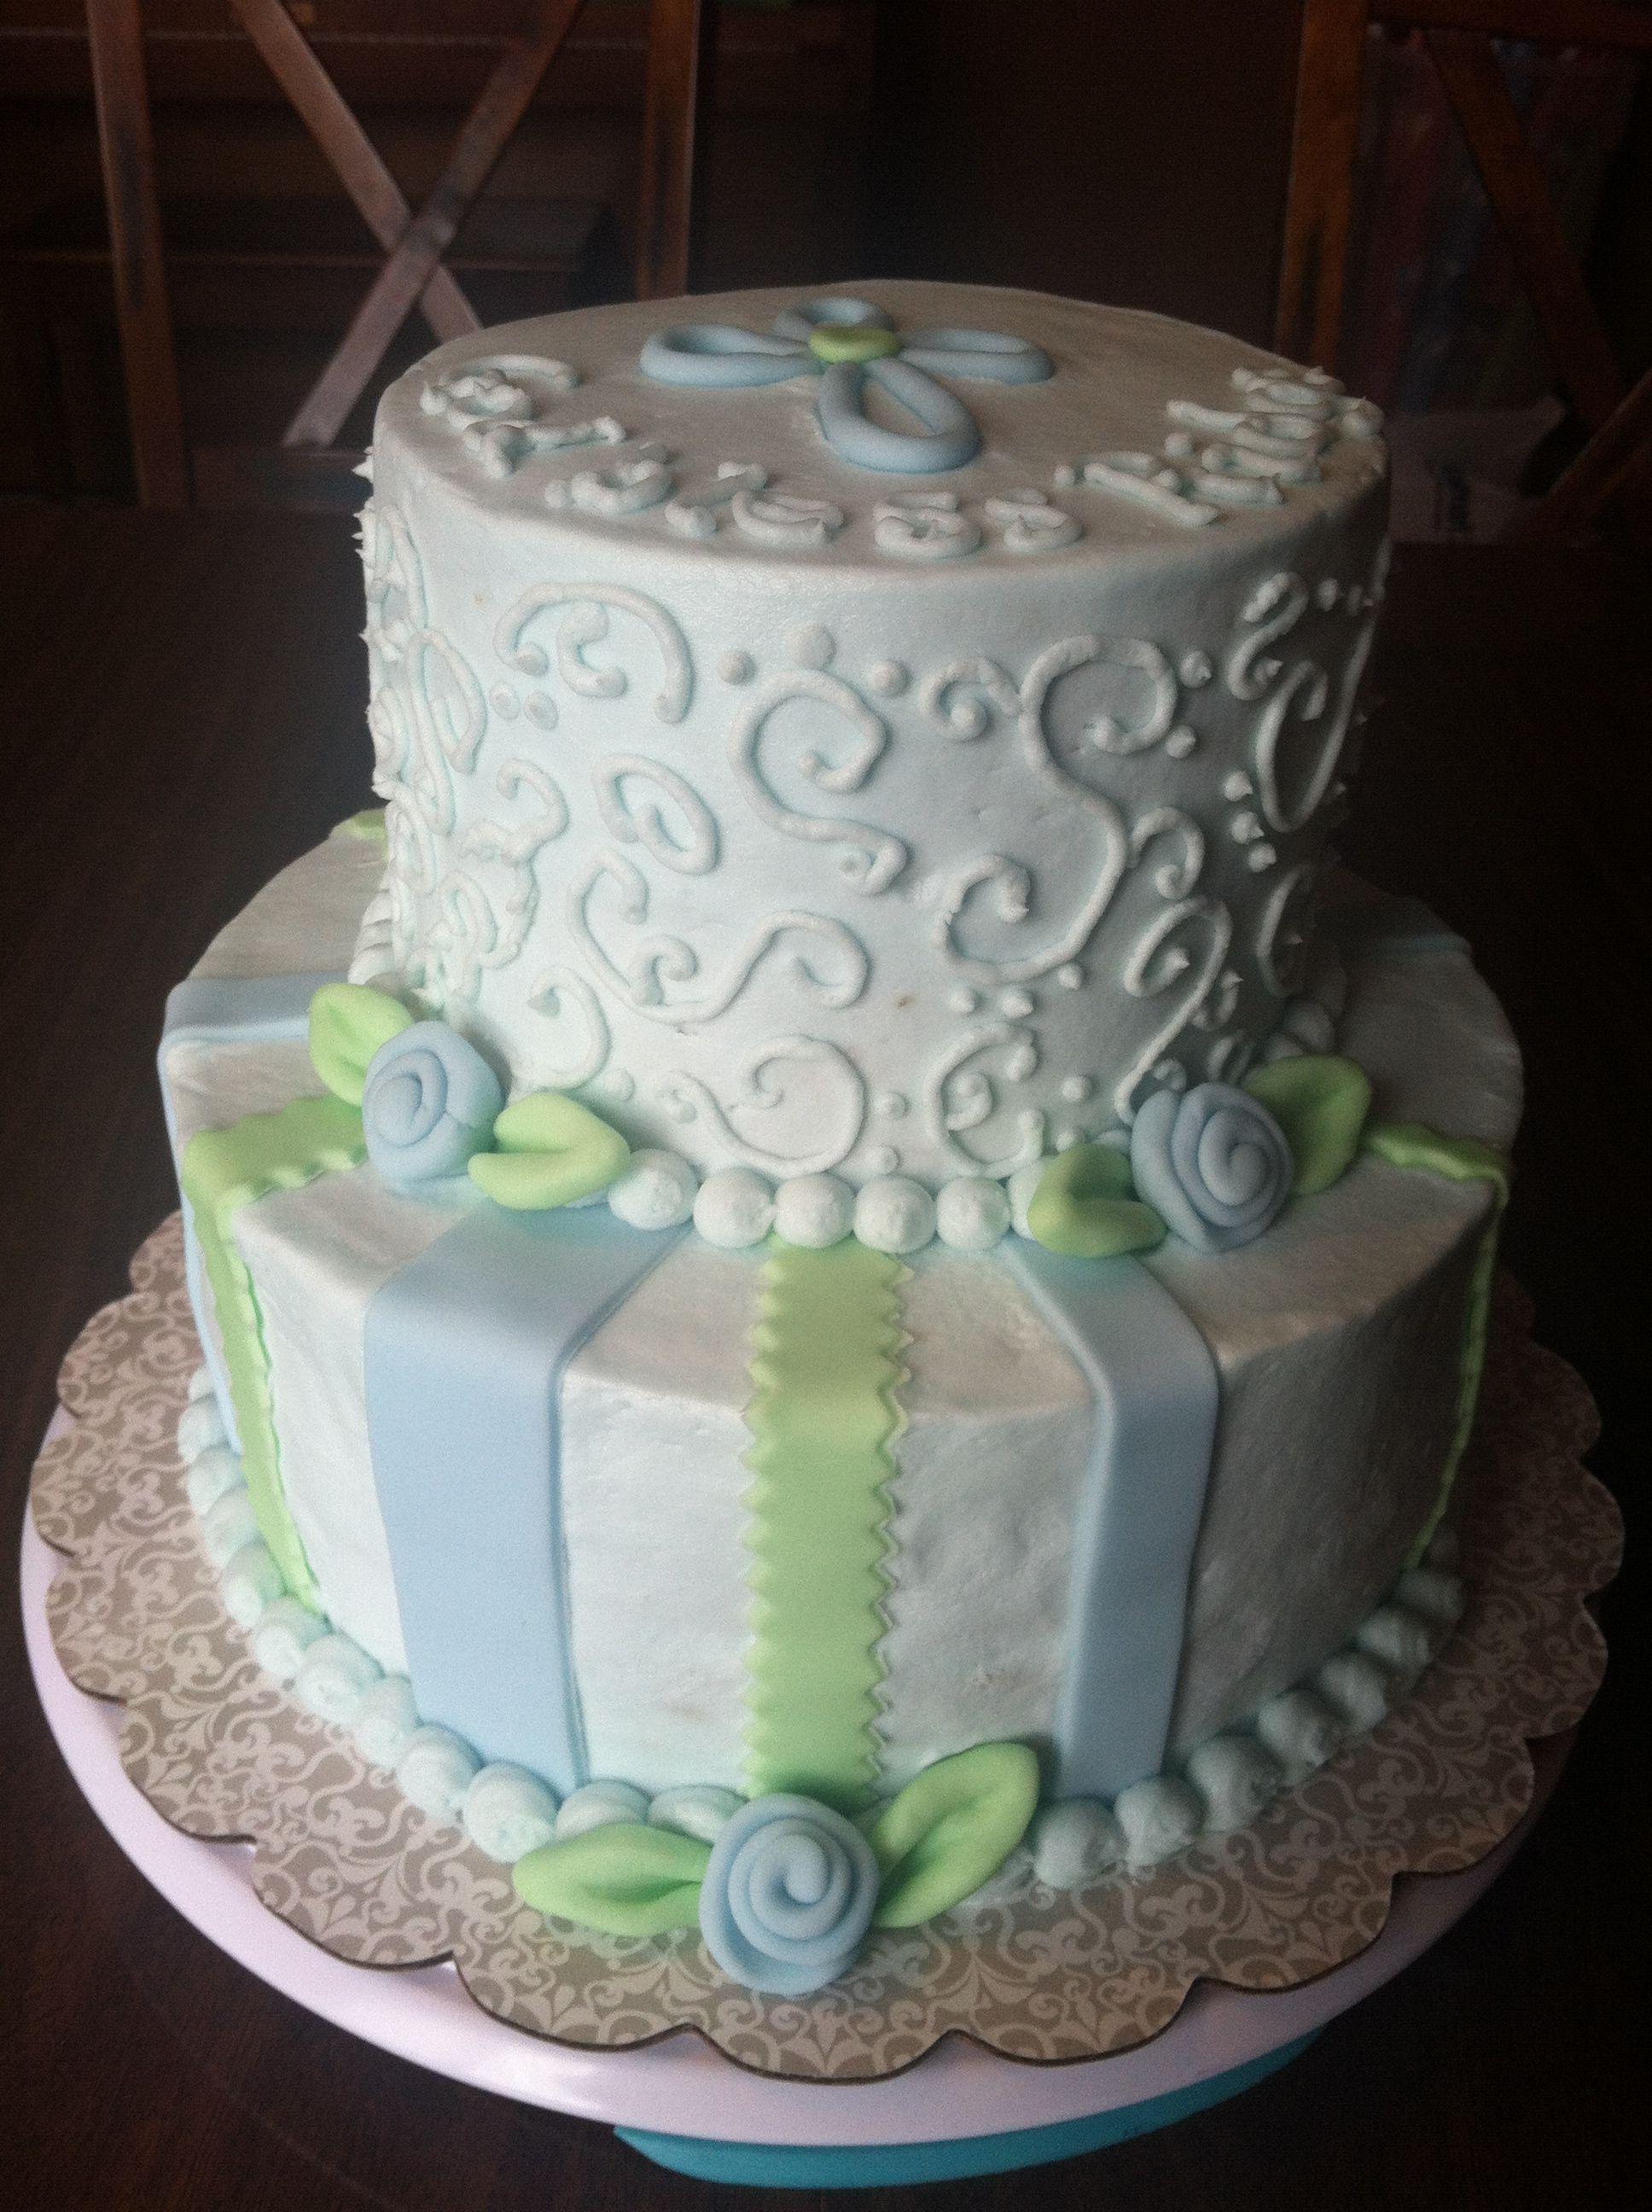 Pin Ashtons Christening Cake By Louisa Morris Cakes Cake on Pinterest